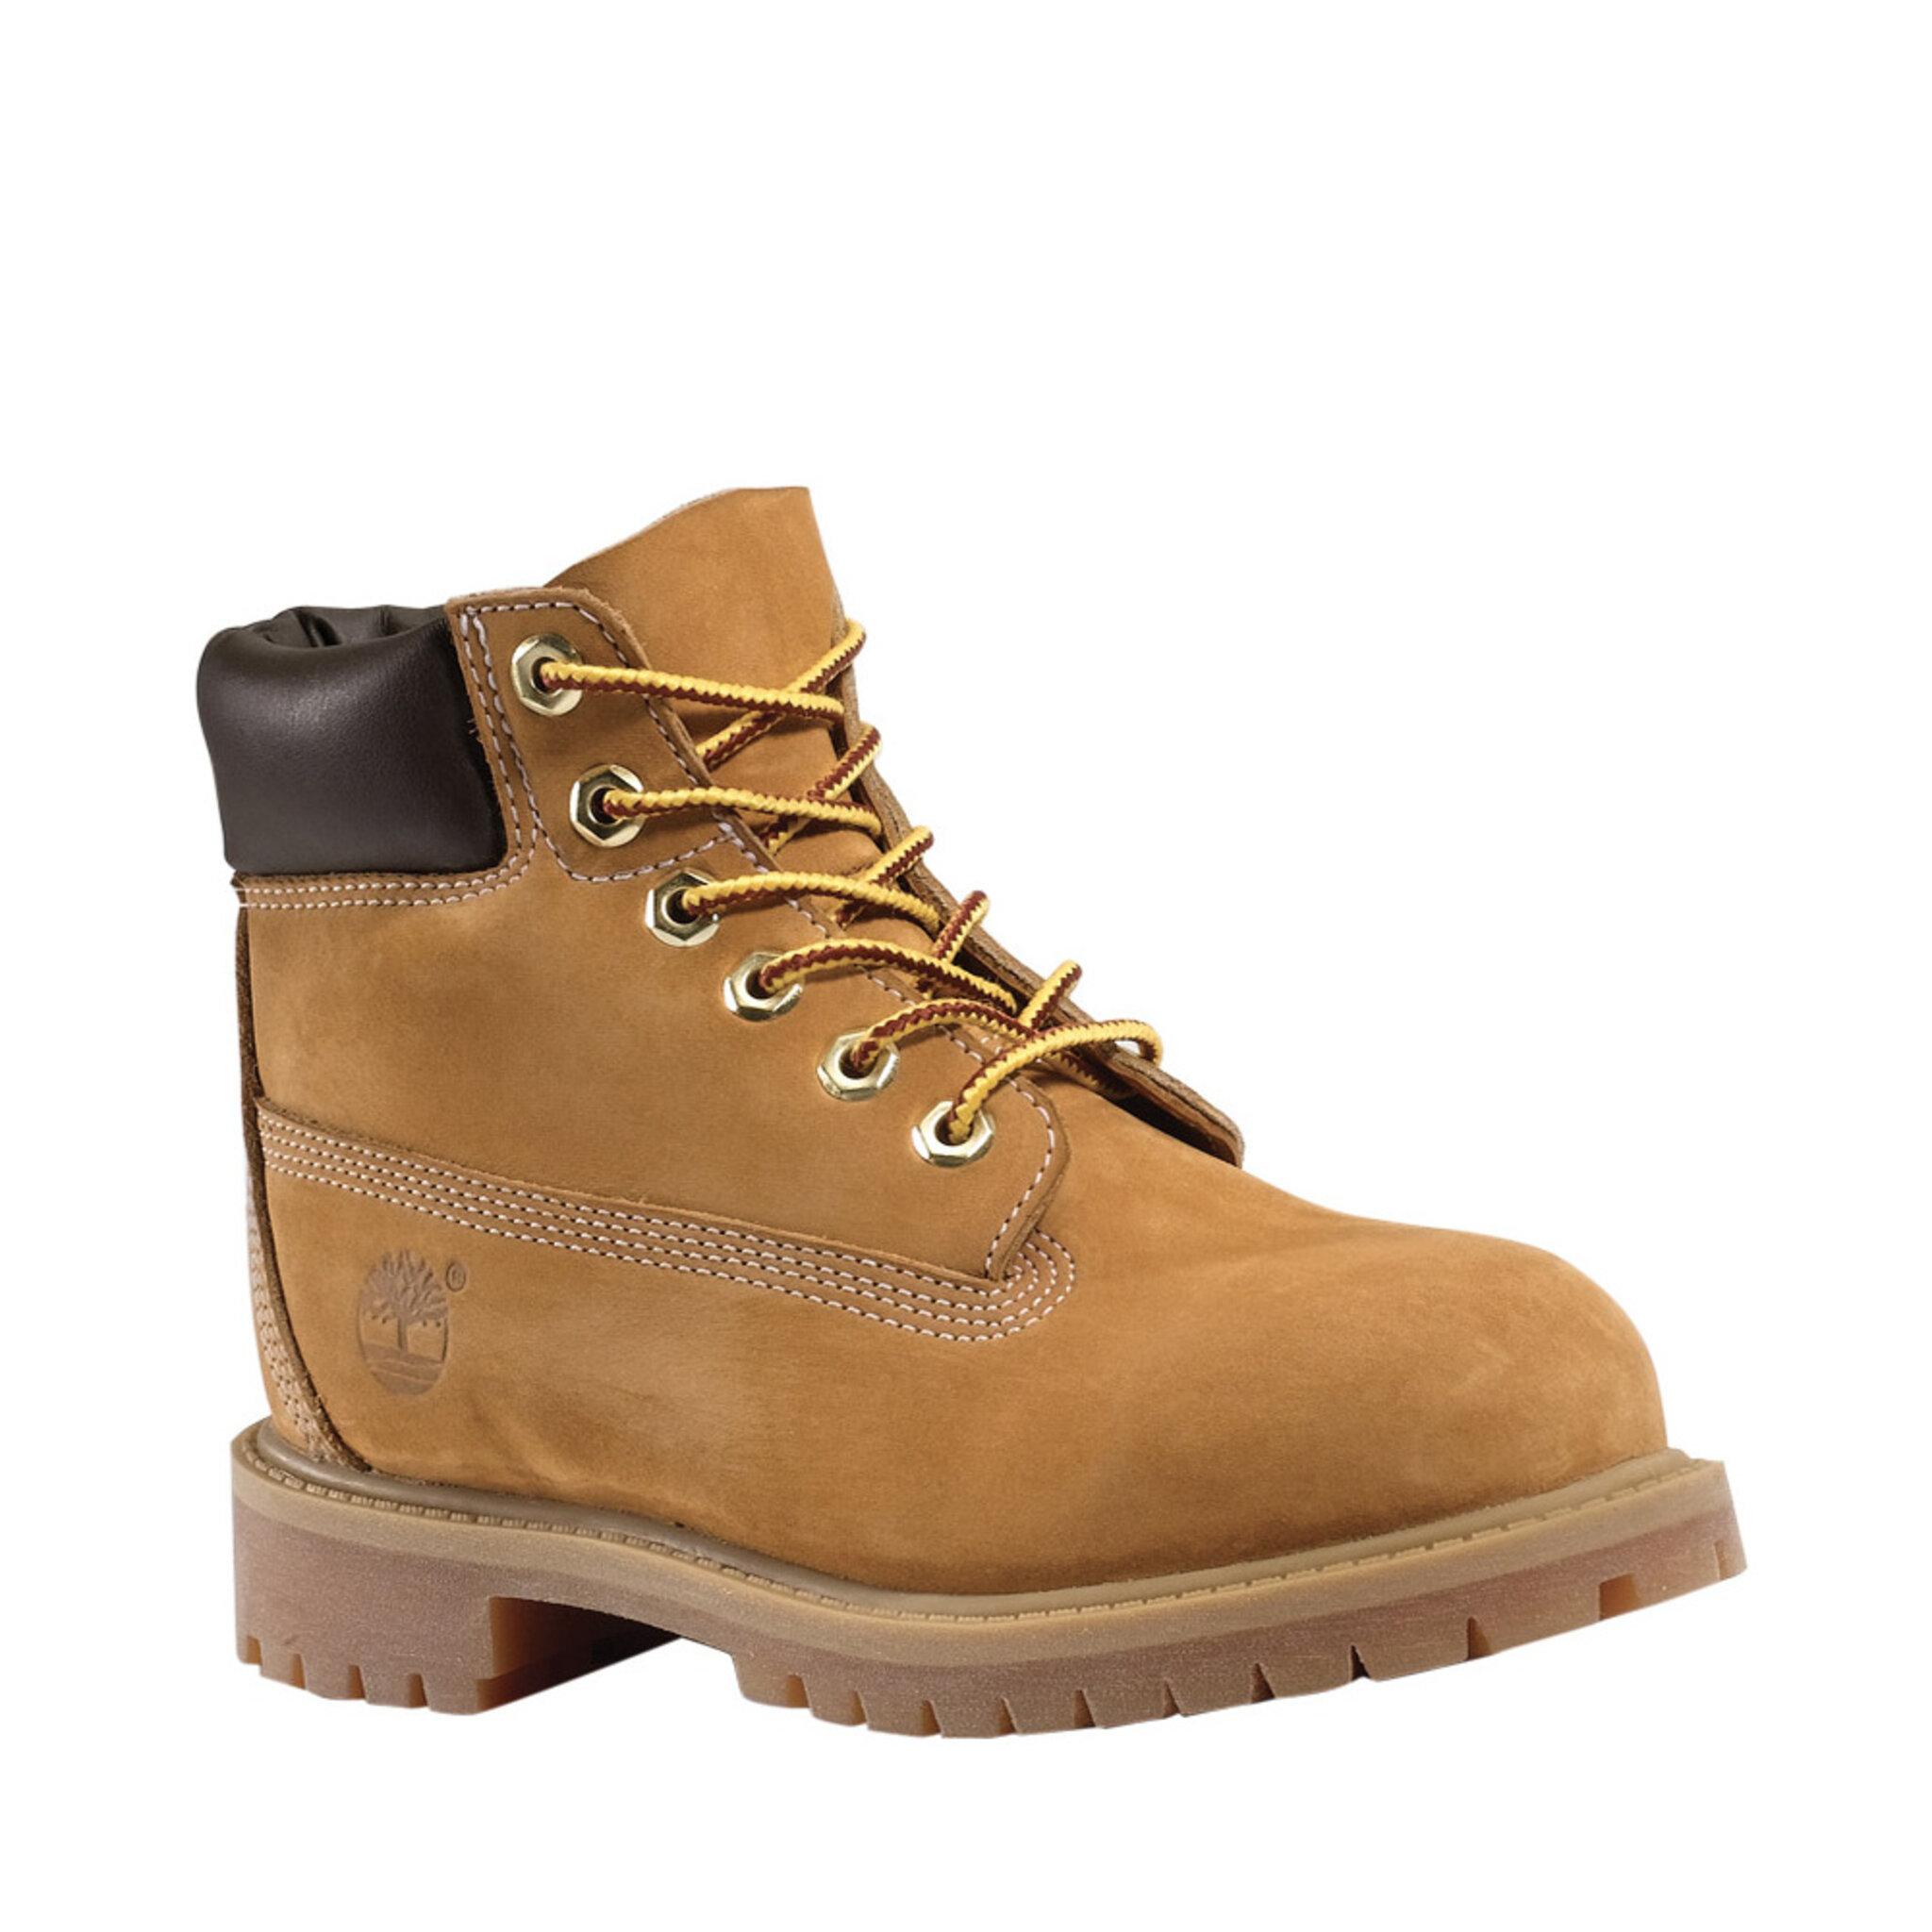 Icon 6-inch Premium Boot Junior - Accessoarer   skor - Köp online på  åhlens.se! 6f7bf90c637a6